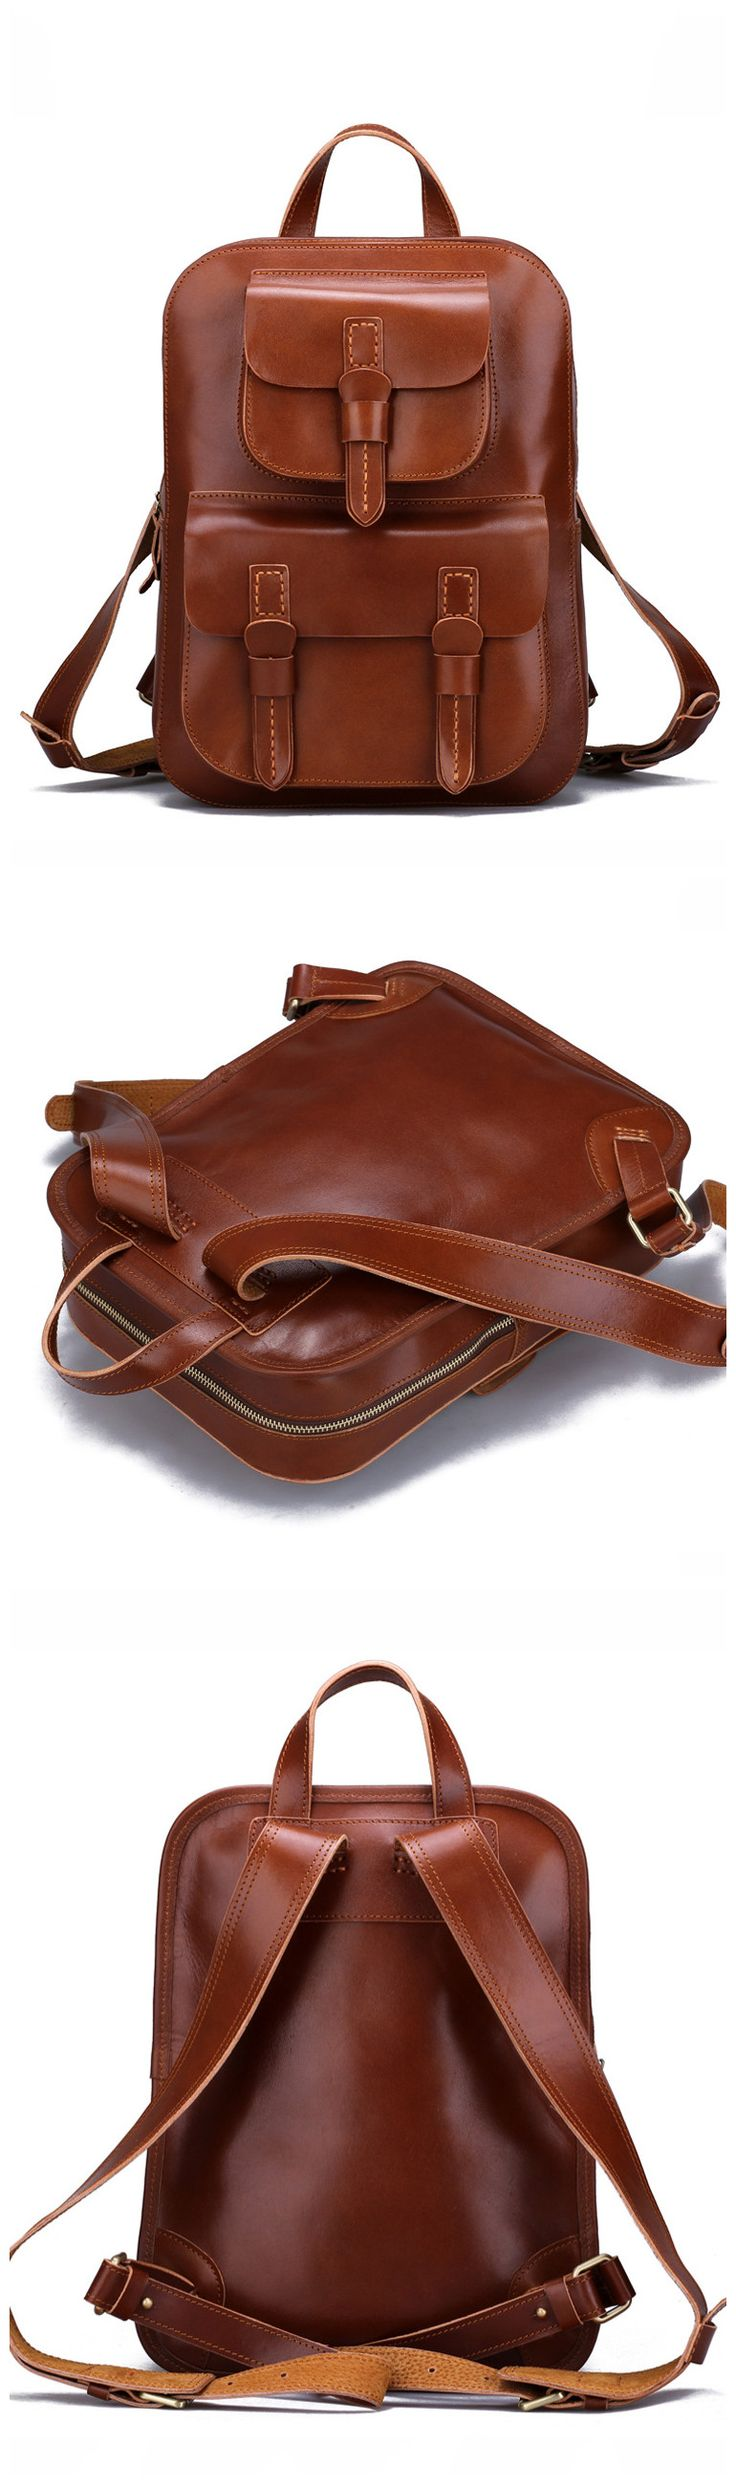 Backpacks for Girls Full Grain Handmade Leather Backpack Cool Backpacks